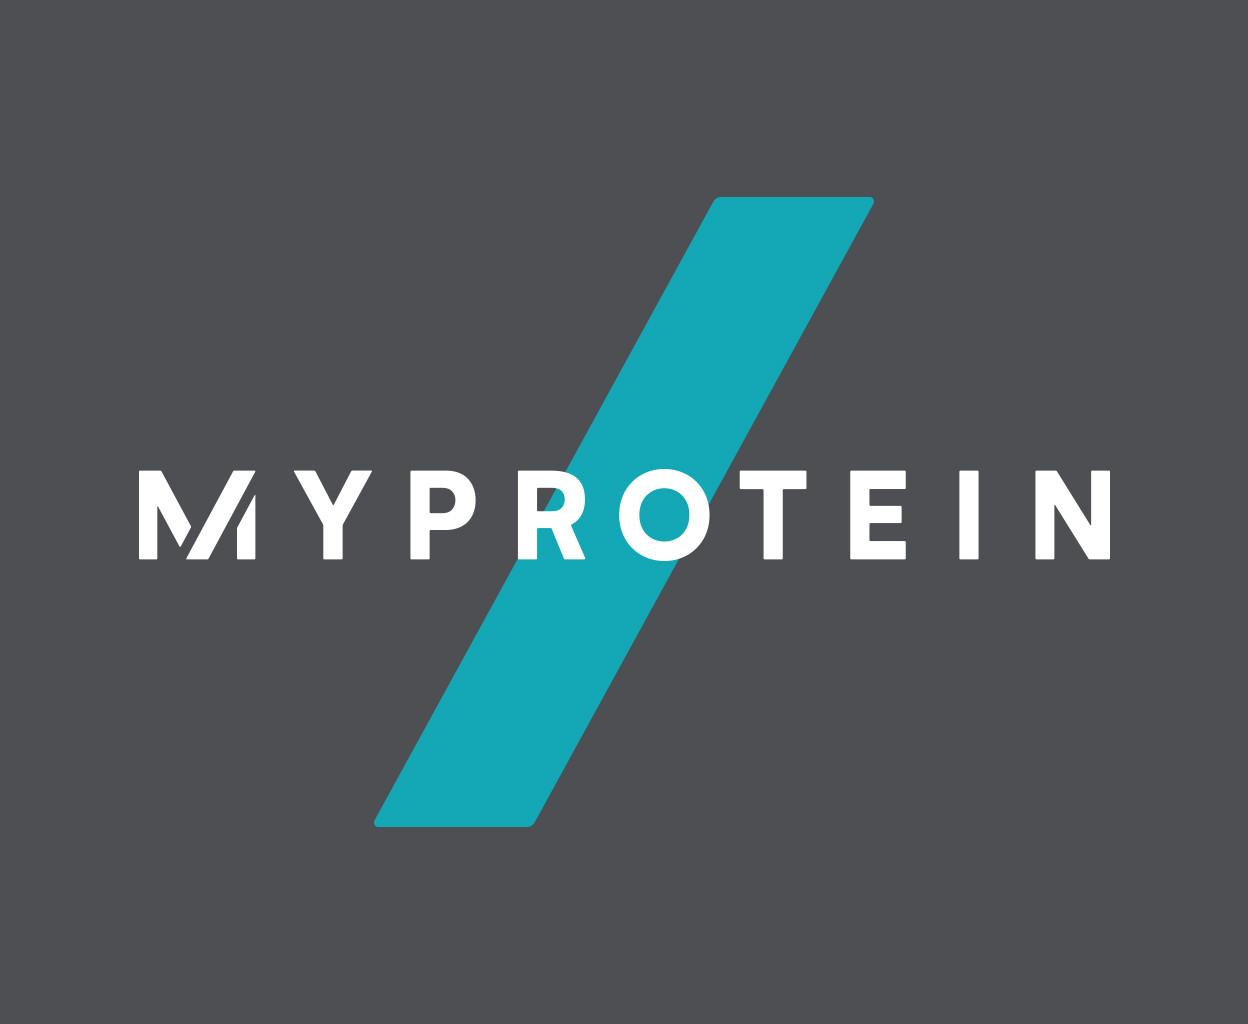 Myprotein DK